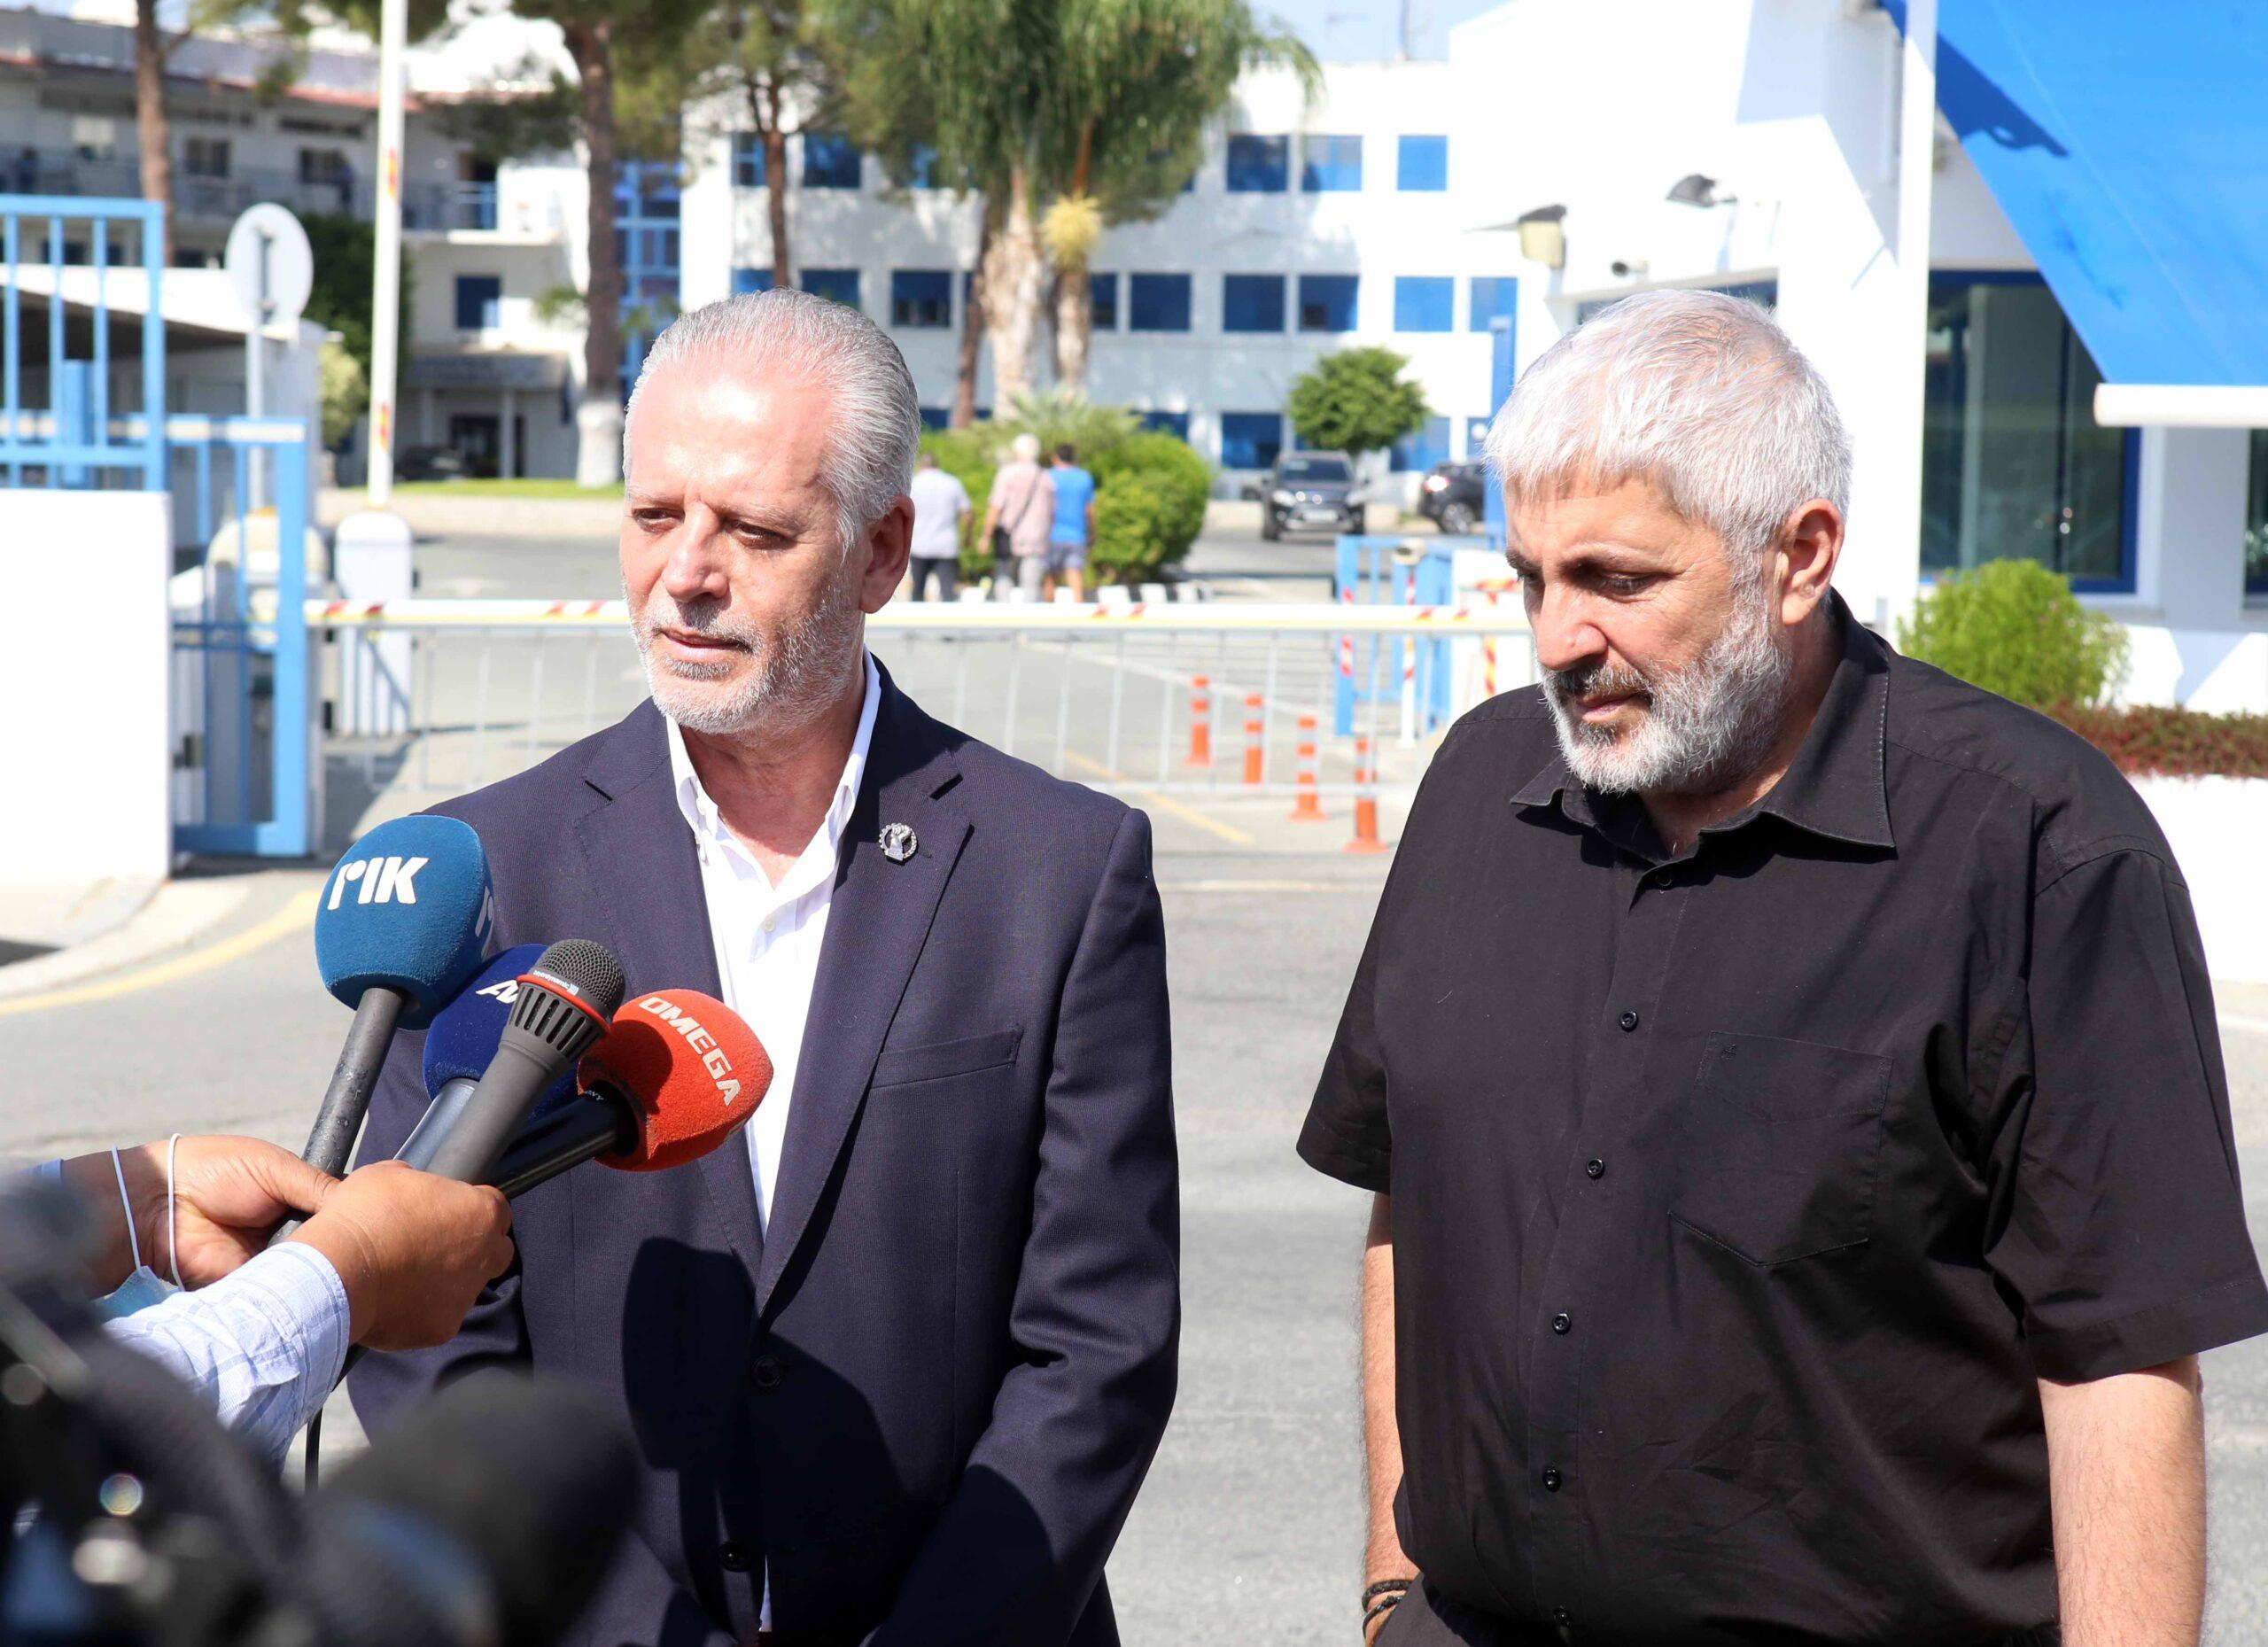 Παρέδωσε τα έγγραφα που κατέχει για τις πολιτογραφήσεις ο Μ. Σιζόπουλος